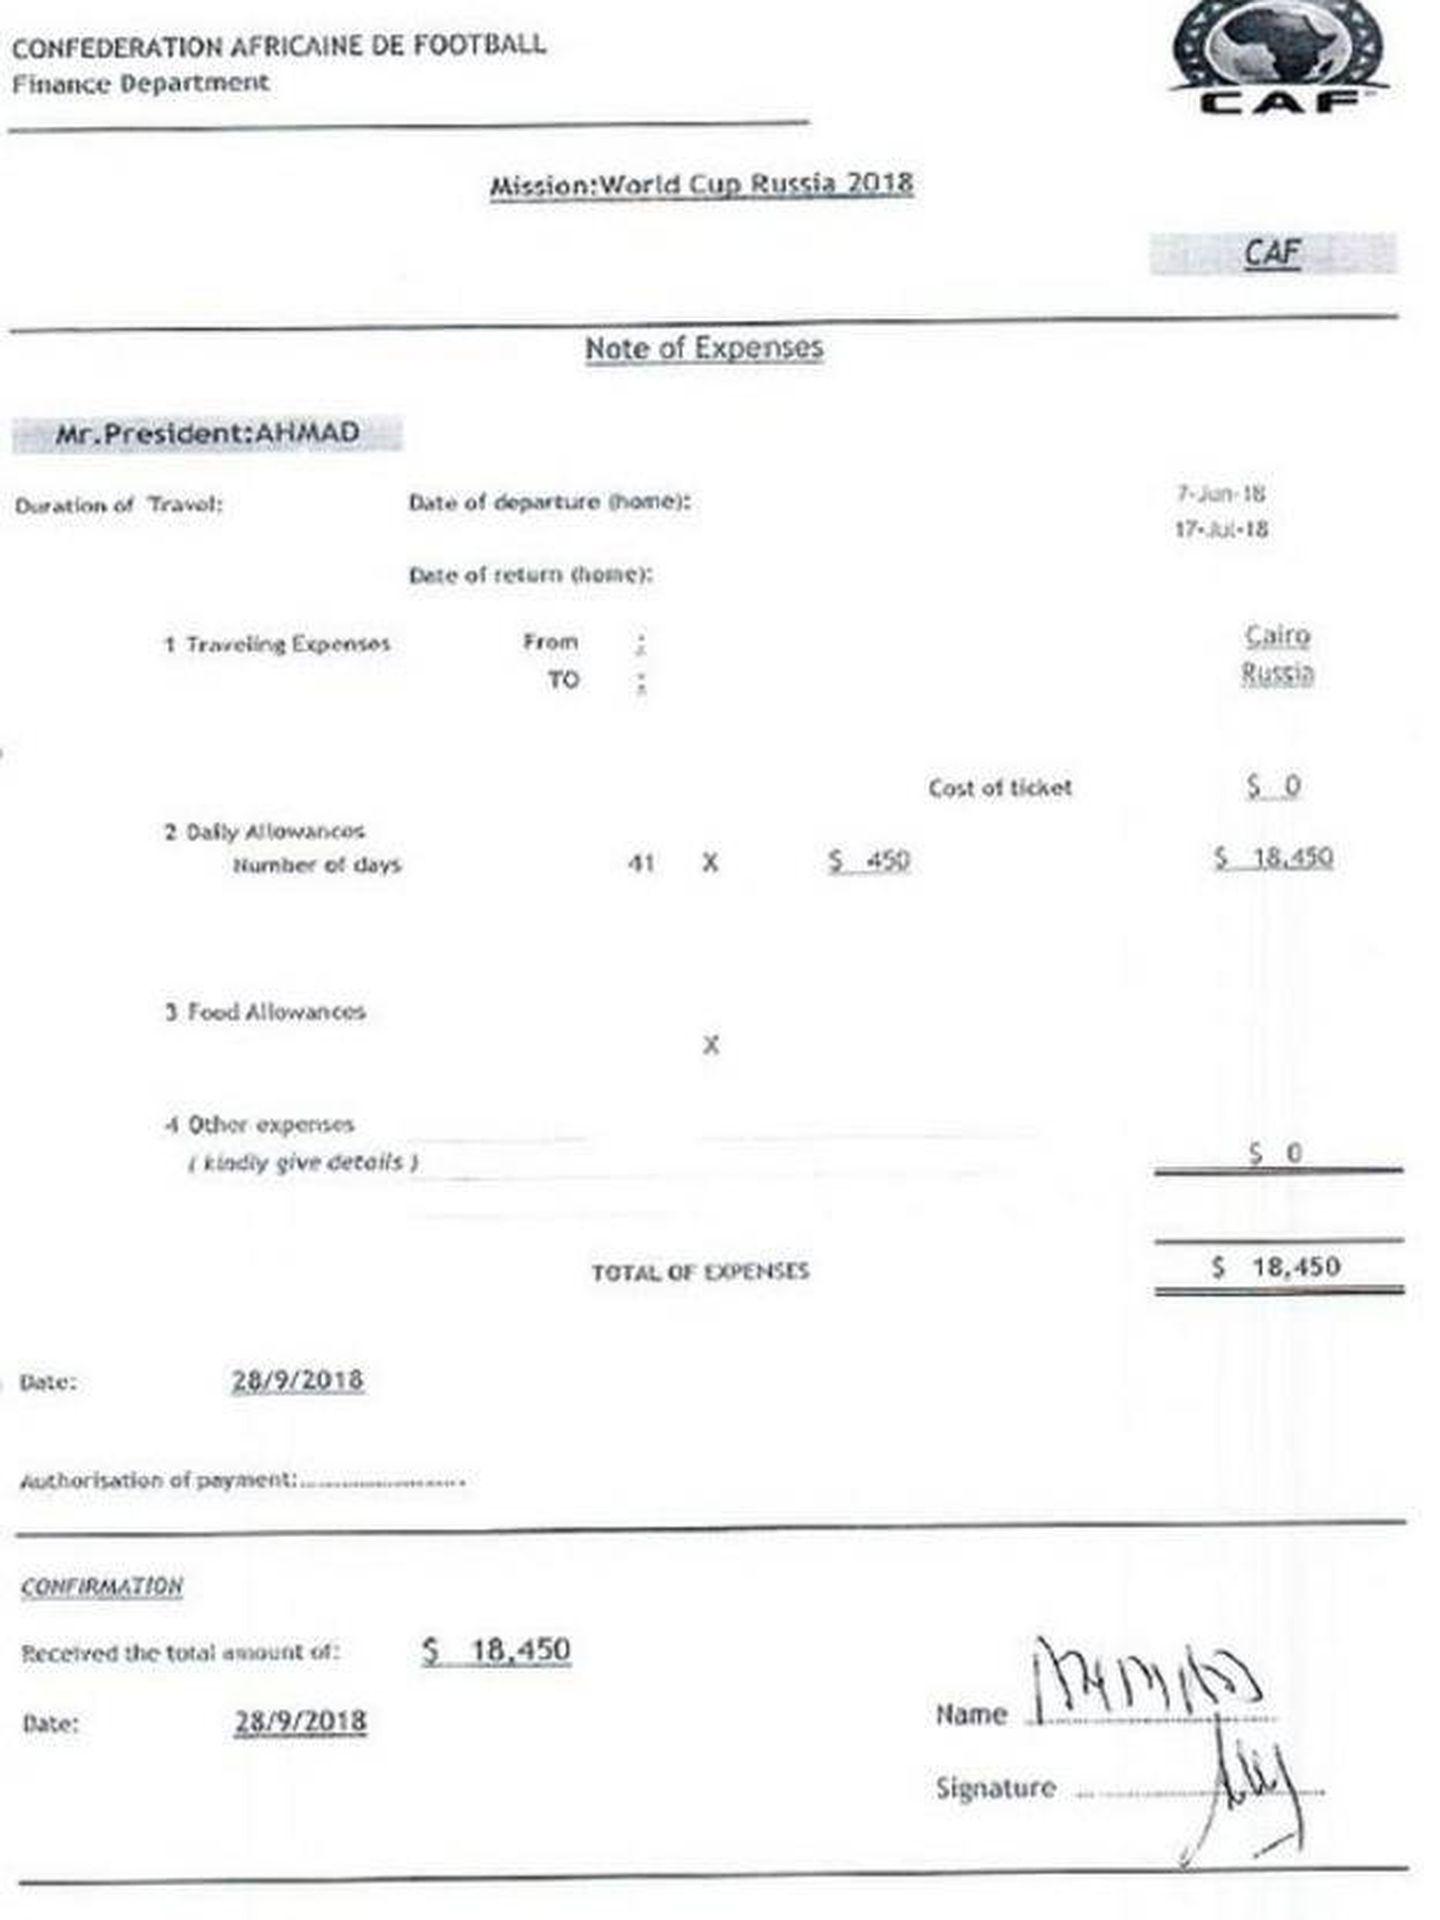 Dietas pagadas por la CAF a su presidente por su estancia en el Mundial. Documento firmado por él como que recibió ese dinero. Es un pago ilegal, ya que la FIFA era el único organismo que debía pagarle por ese concepto como miembro de su Consejo. La CAF no tiene nada que ver en la organización de un Mundial.